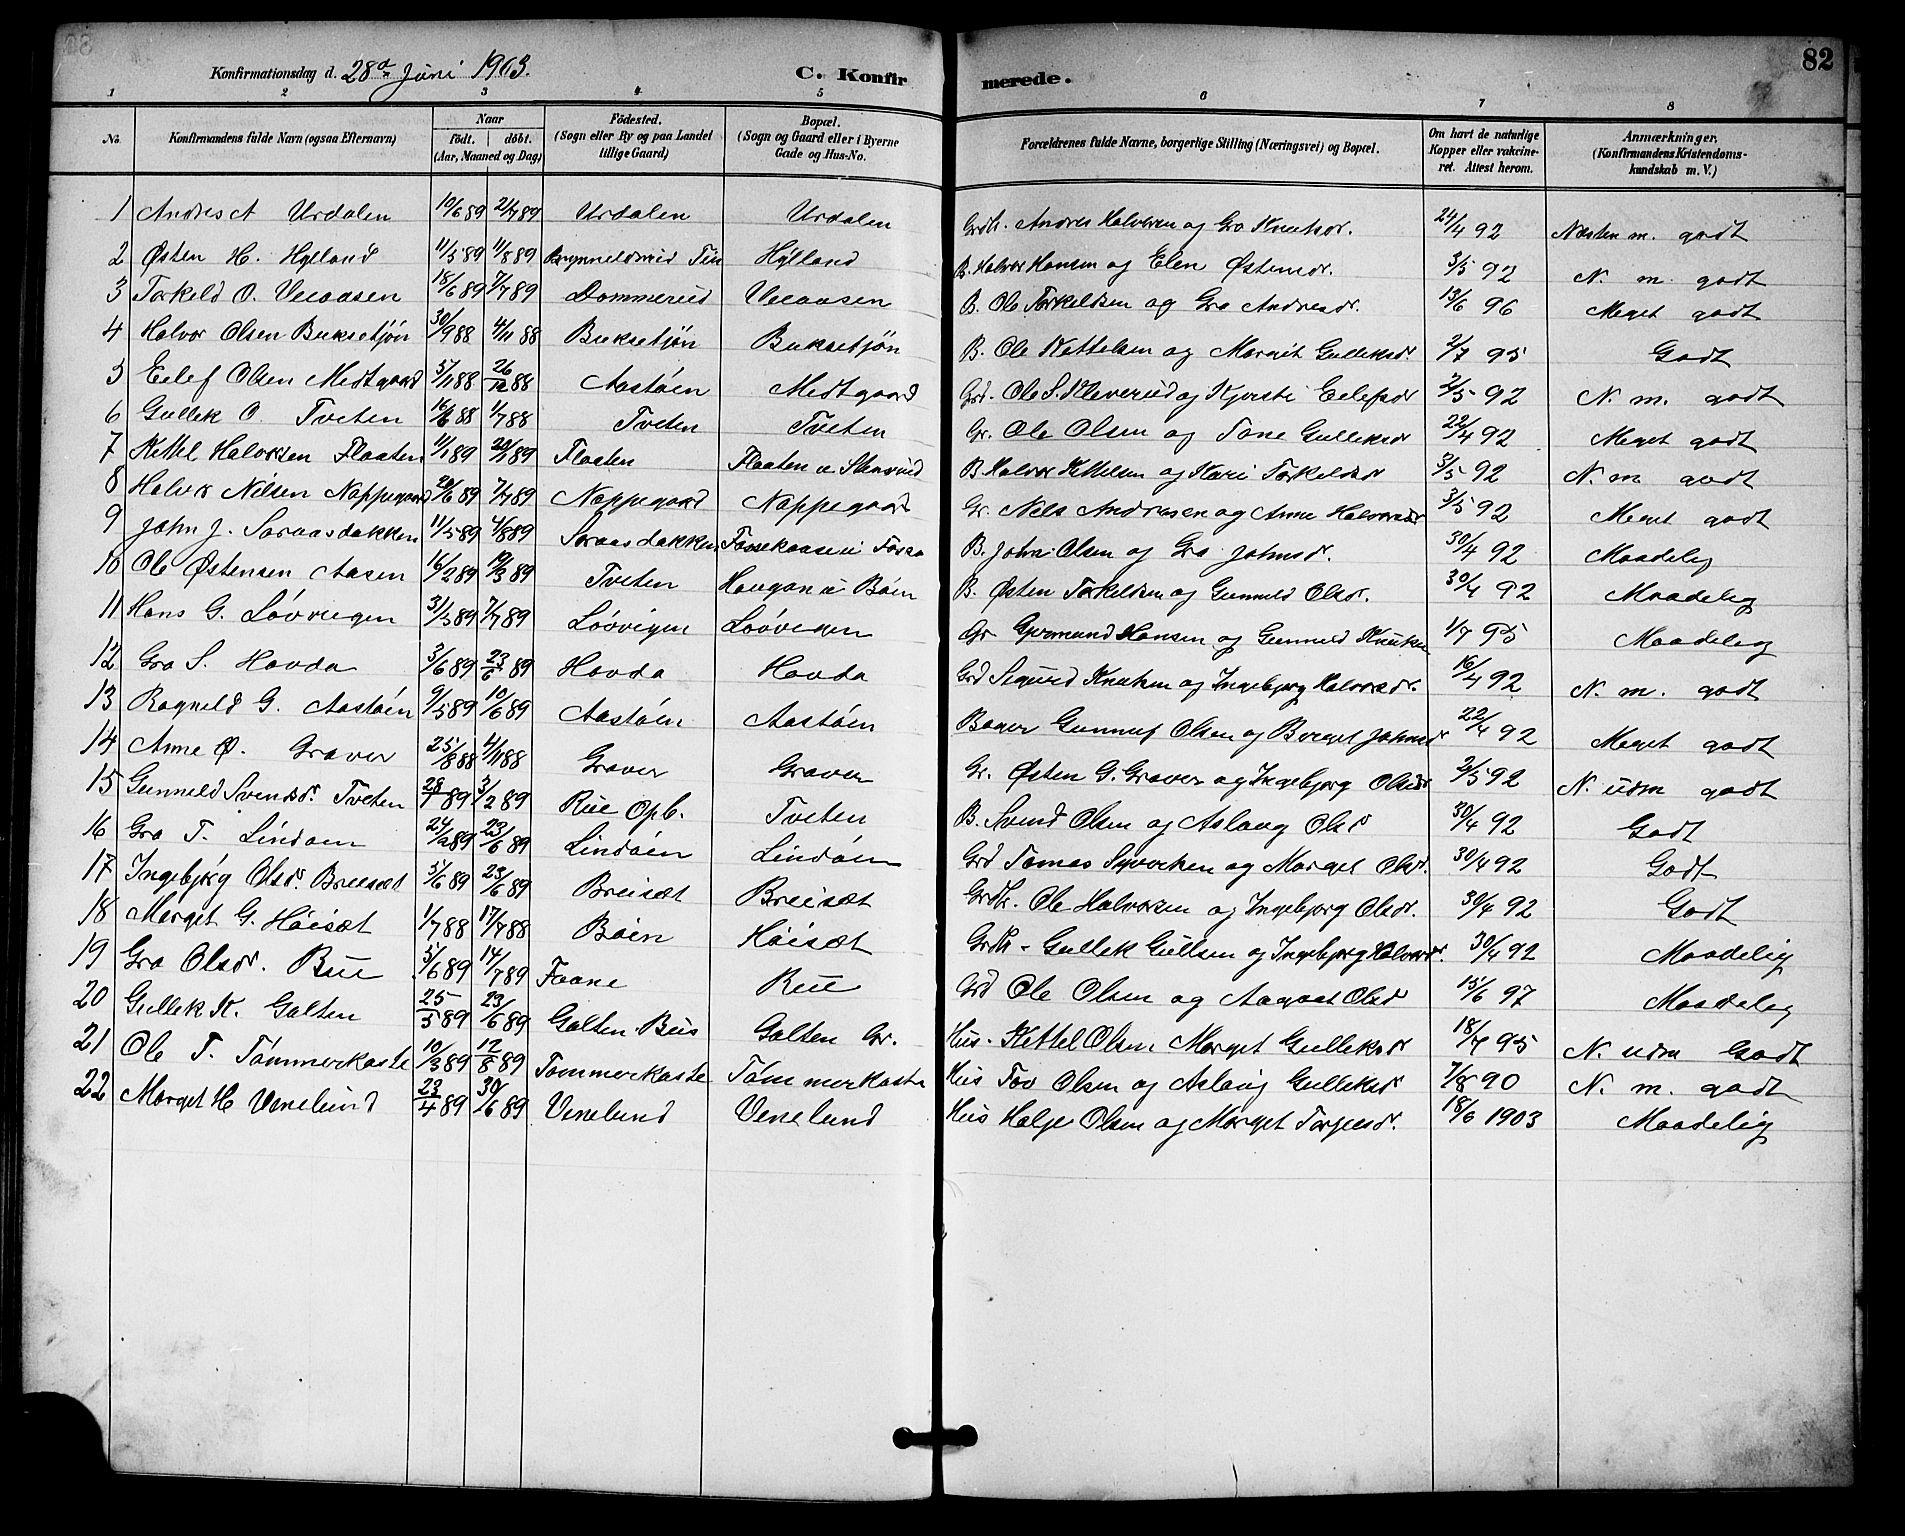 SAKO, Gransherad kirkebøker, G/Gb/L0003: Klokkerbok nr. II 3, 1887-1921, s. 82